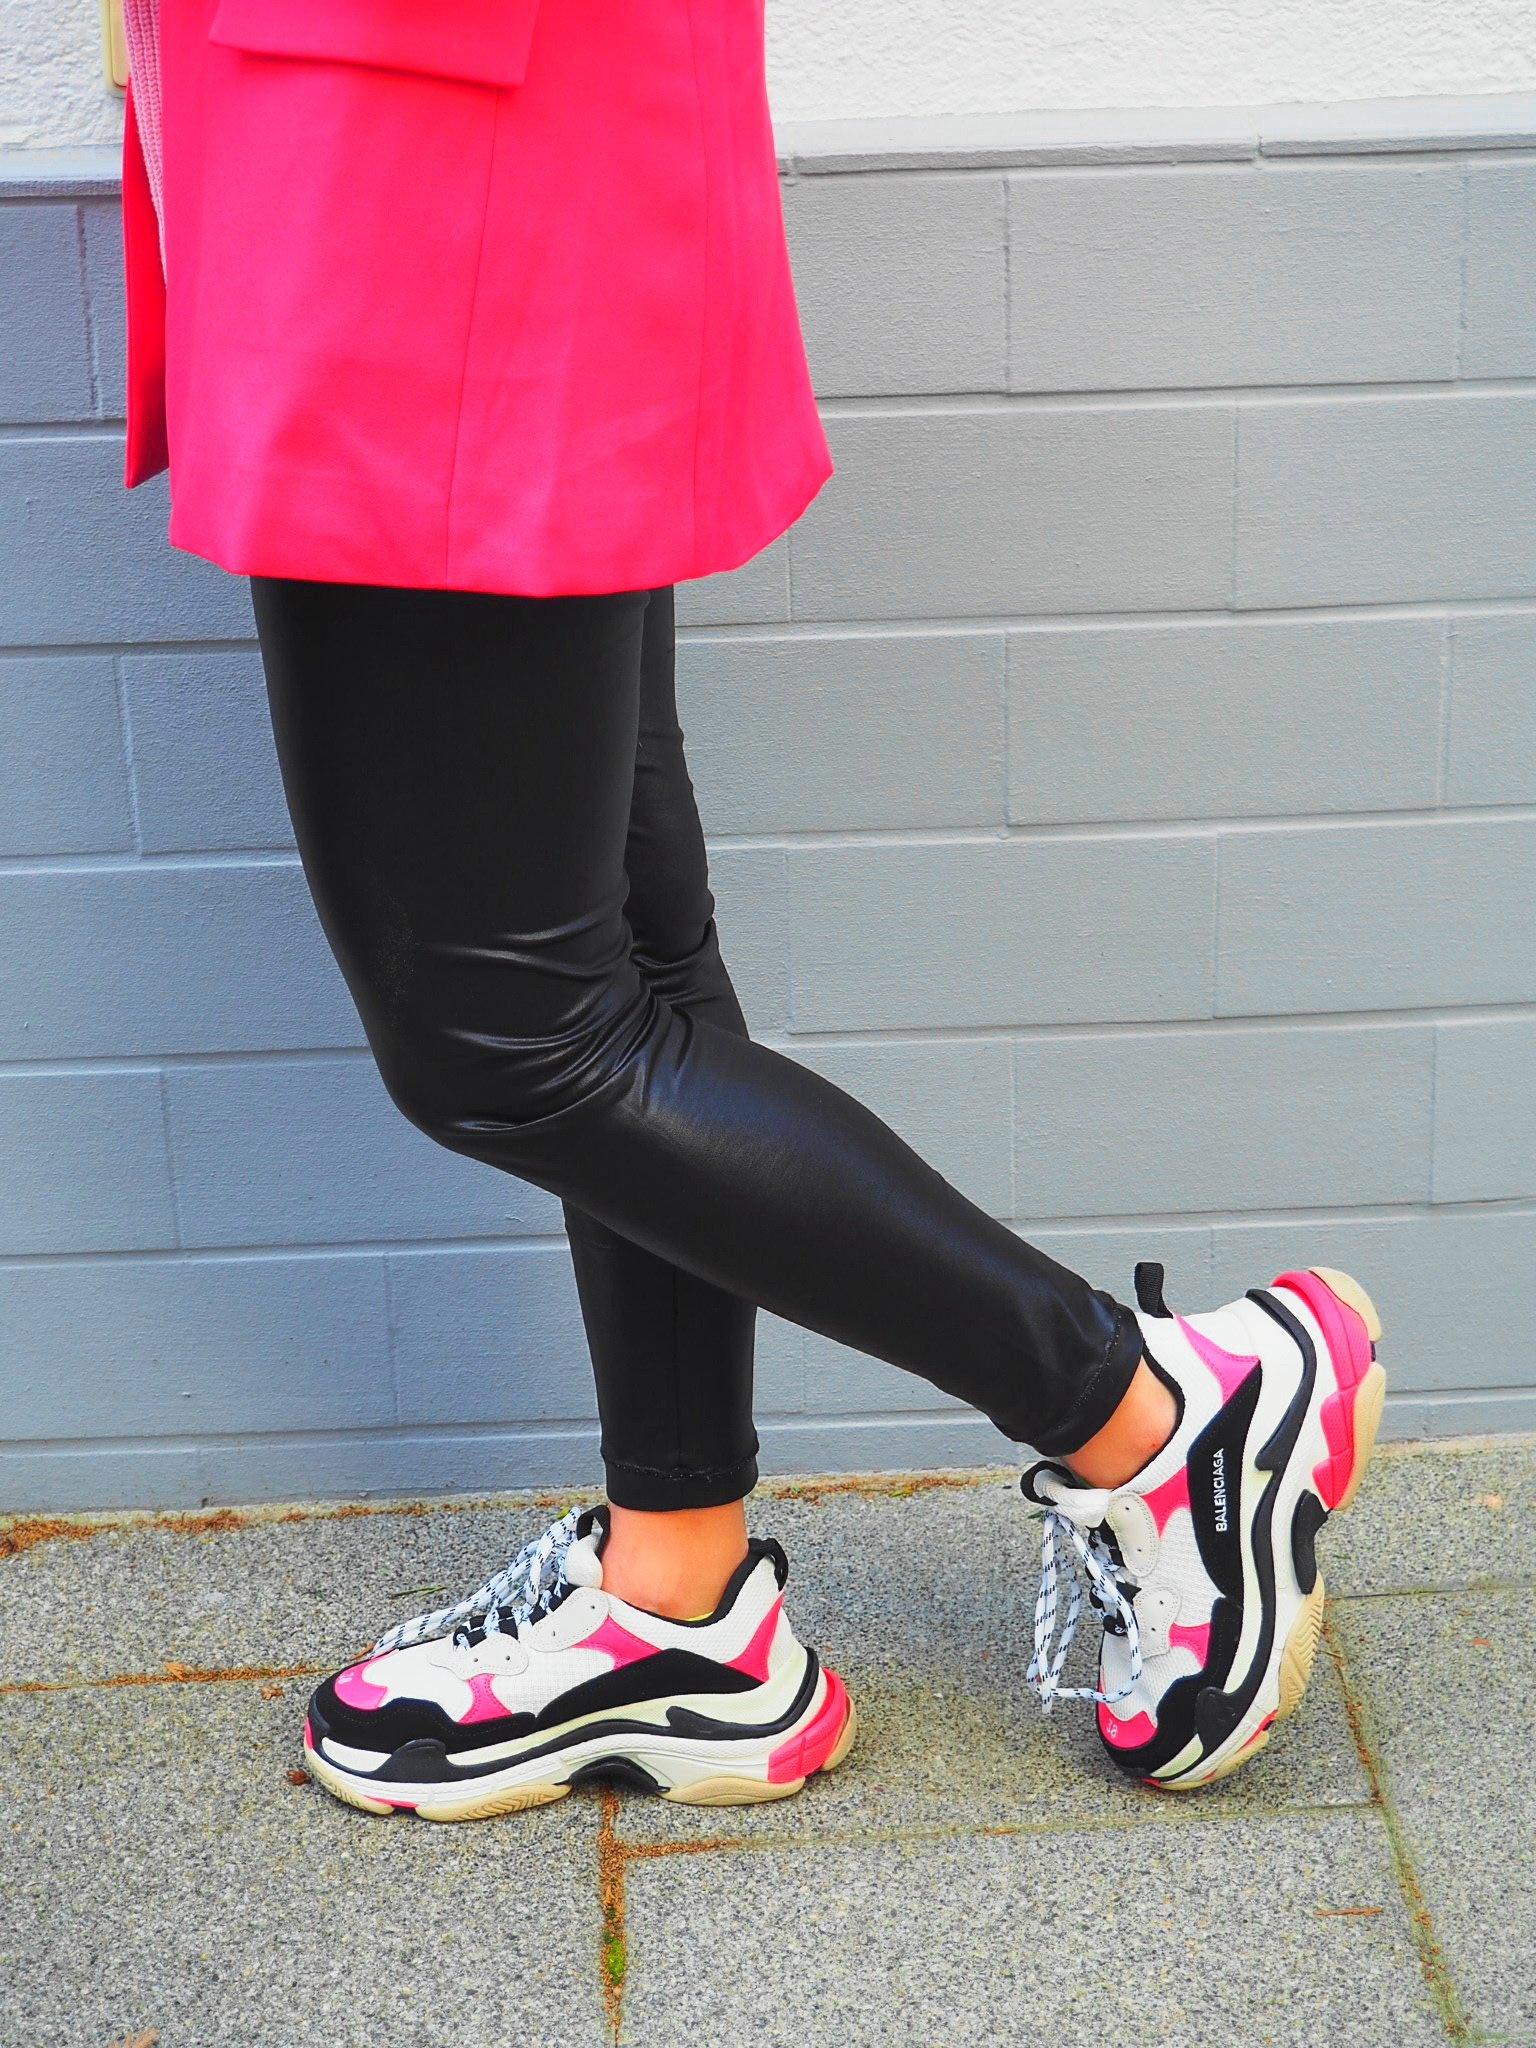 Heute zeige ich euch auf dem Blog den aktuellen Athleisure Trend mit meinen Balenciaga Tripe S Sneaker und erzähle euch ein wenig über coole ugly Sneaker